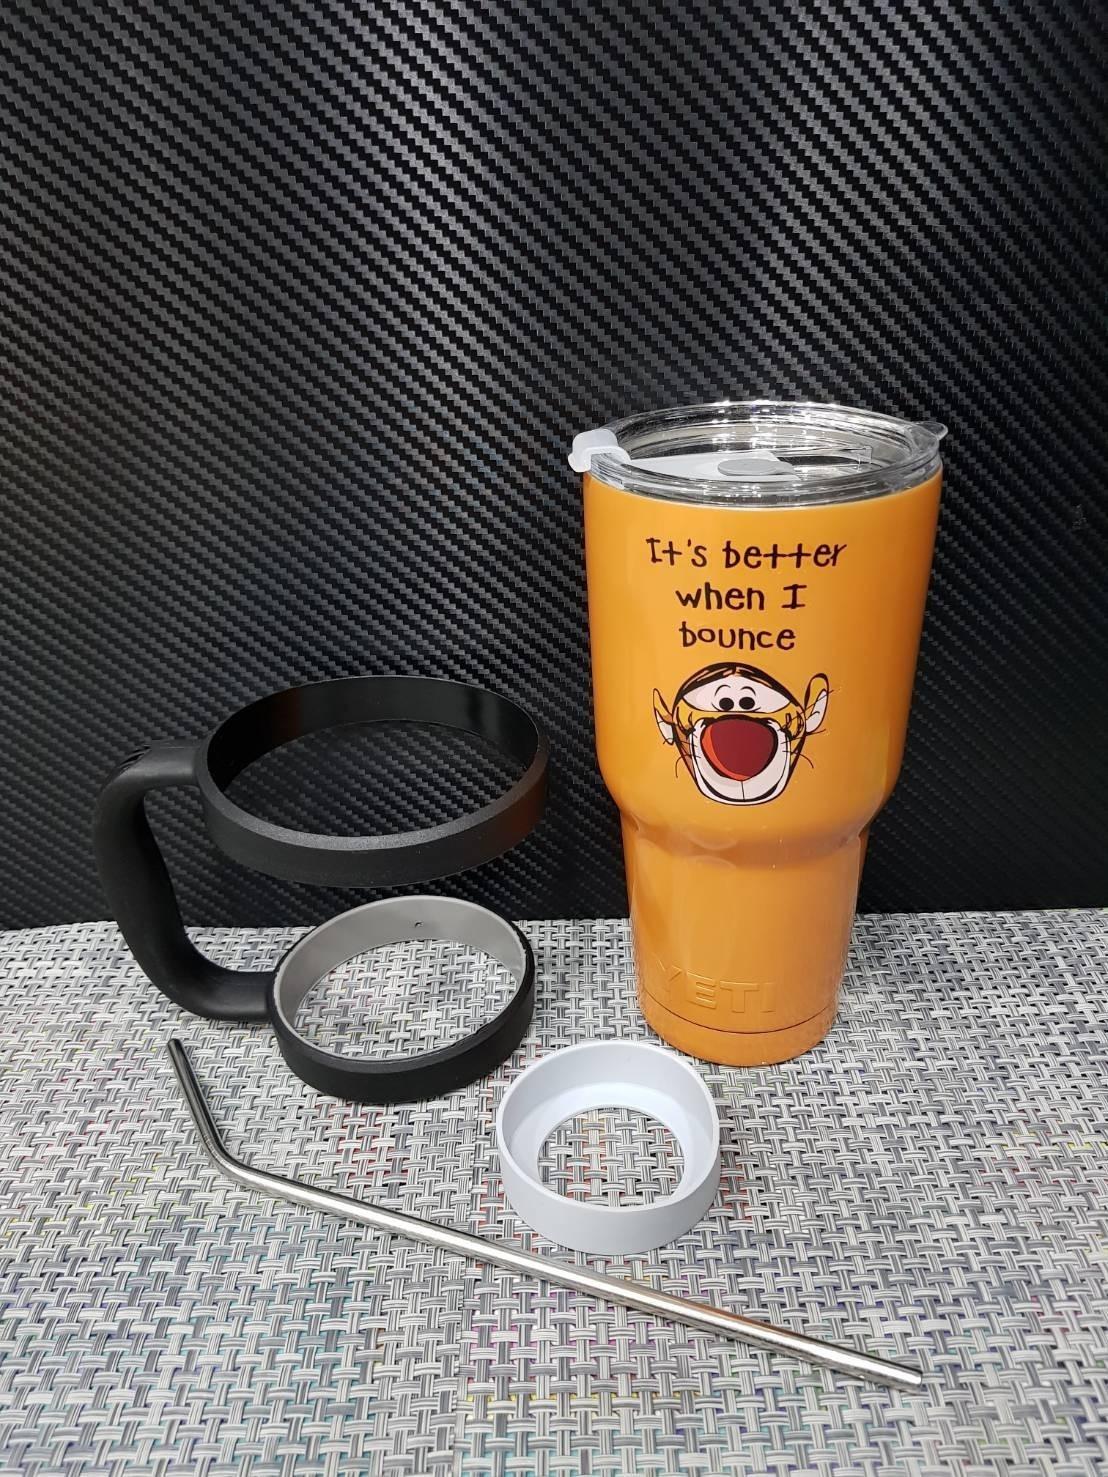 ชุดแก้วเยติ 30 ออนซ์ พื้นสีส้ม ลายการ์ตูน ทิคเกอร์